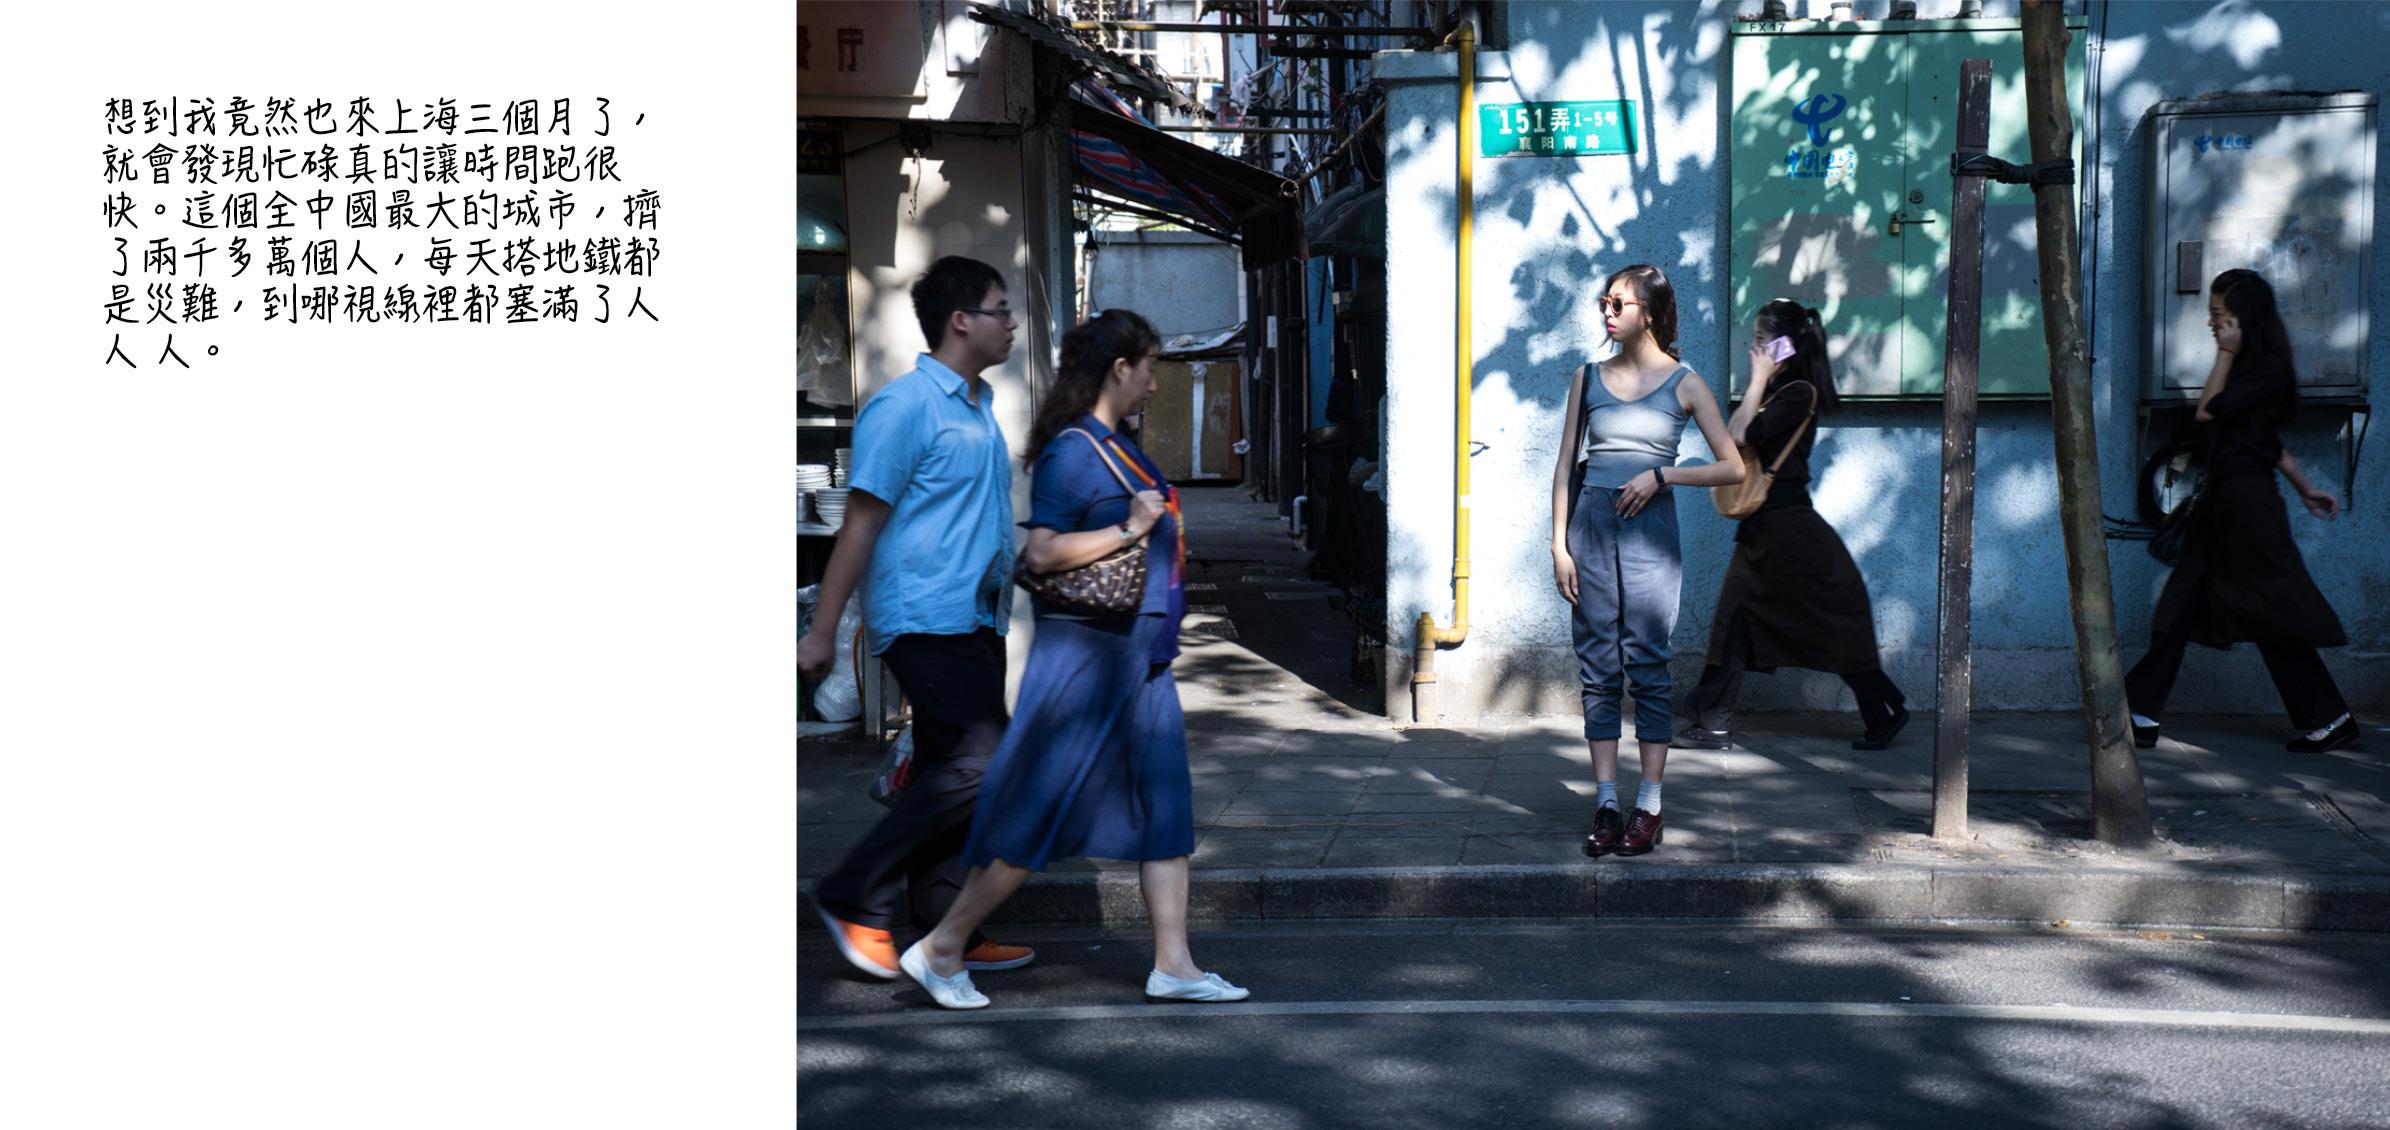 Rice & Shine - Travel Blog - Shanghai 2.jpg